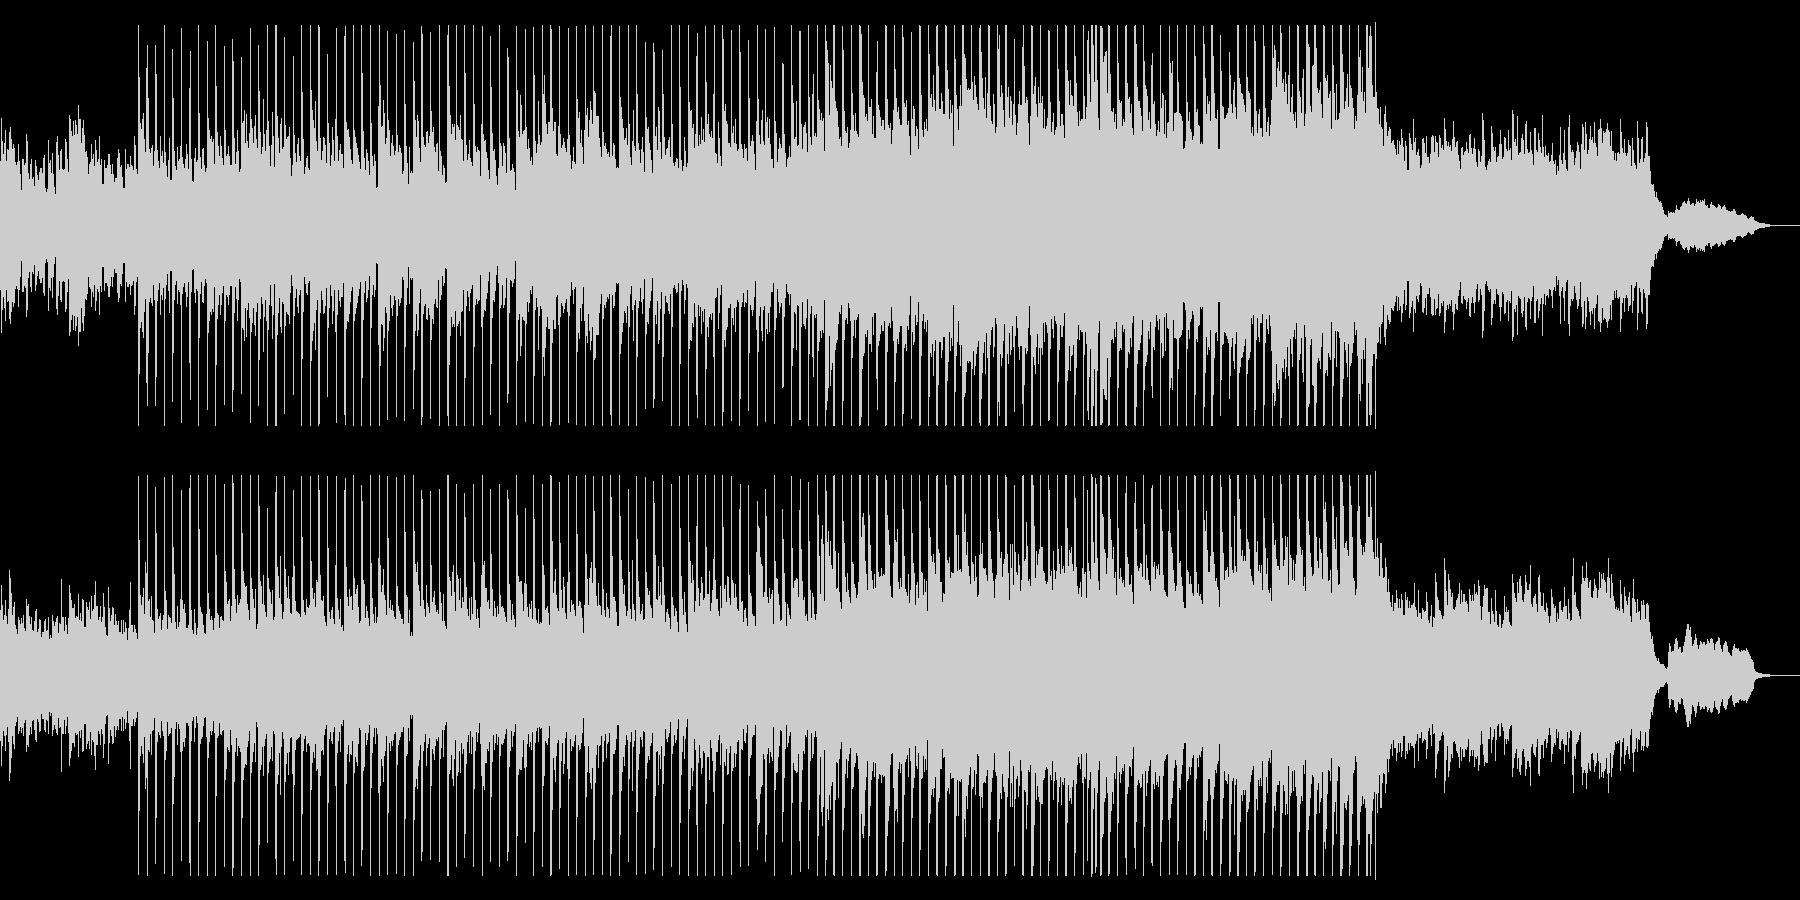 美しく広がりある響きのオーケストラの未再生の波形